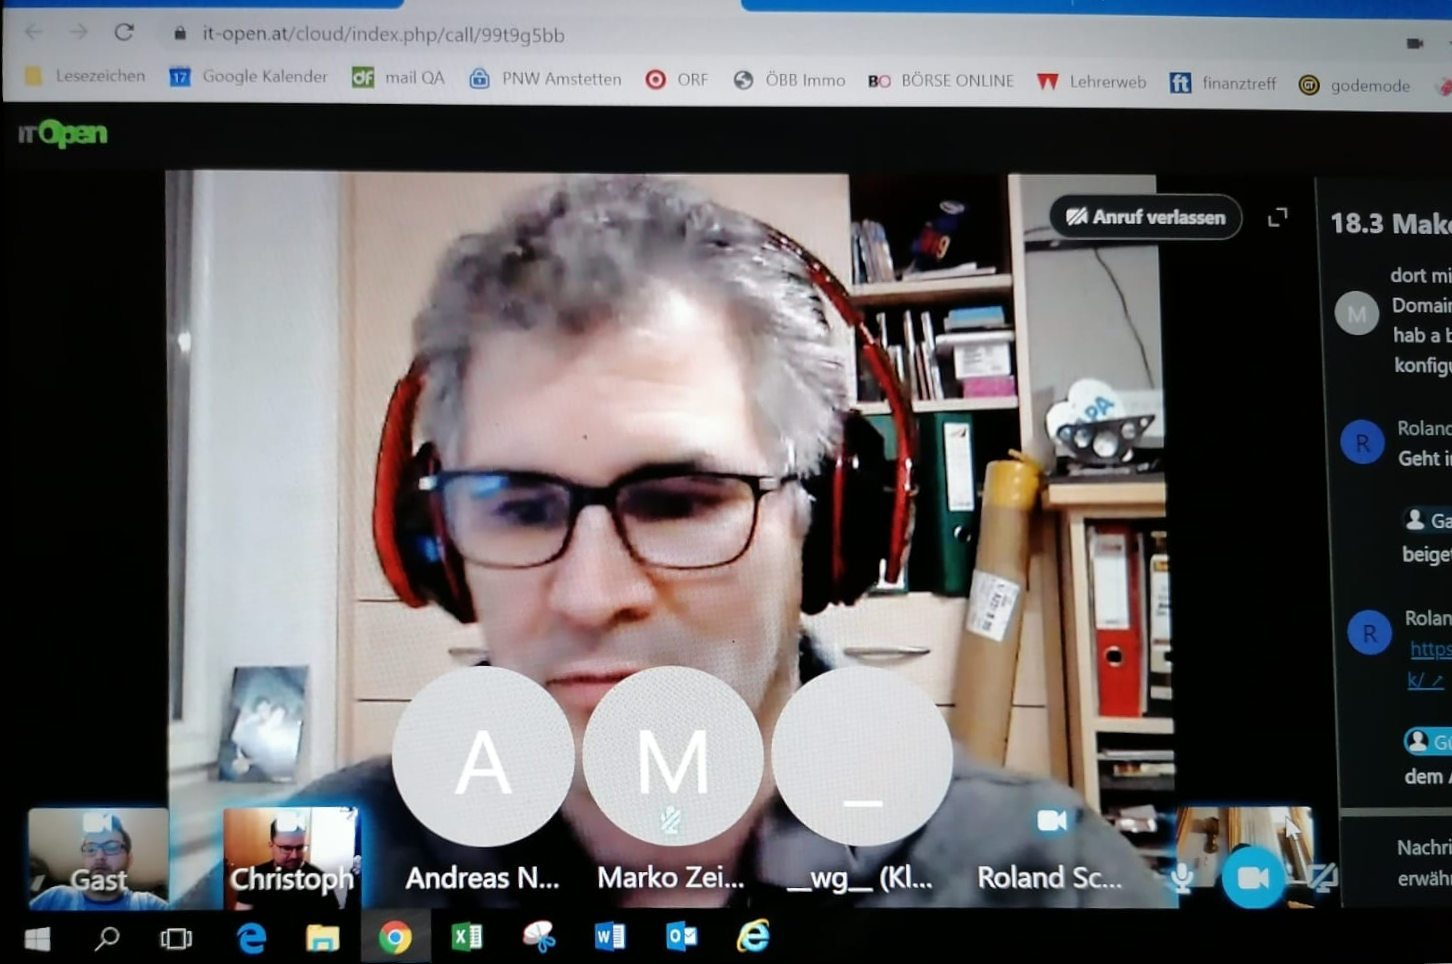 Virtuelle Treffen - Die eigene Cloud hilft dabei! - Nextcloud Talk